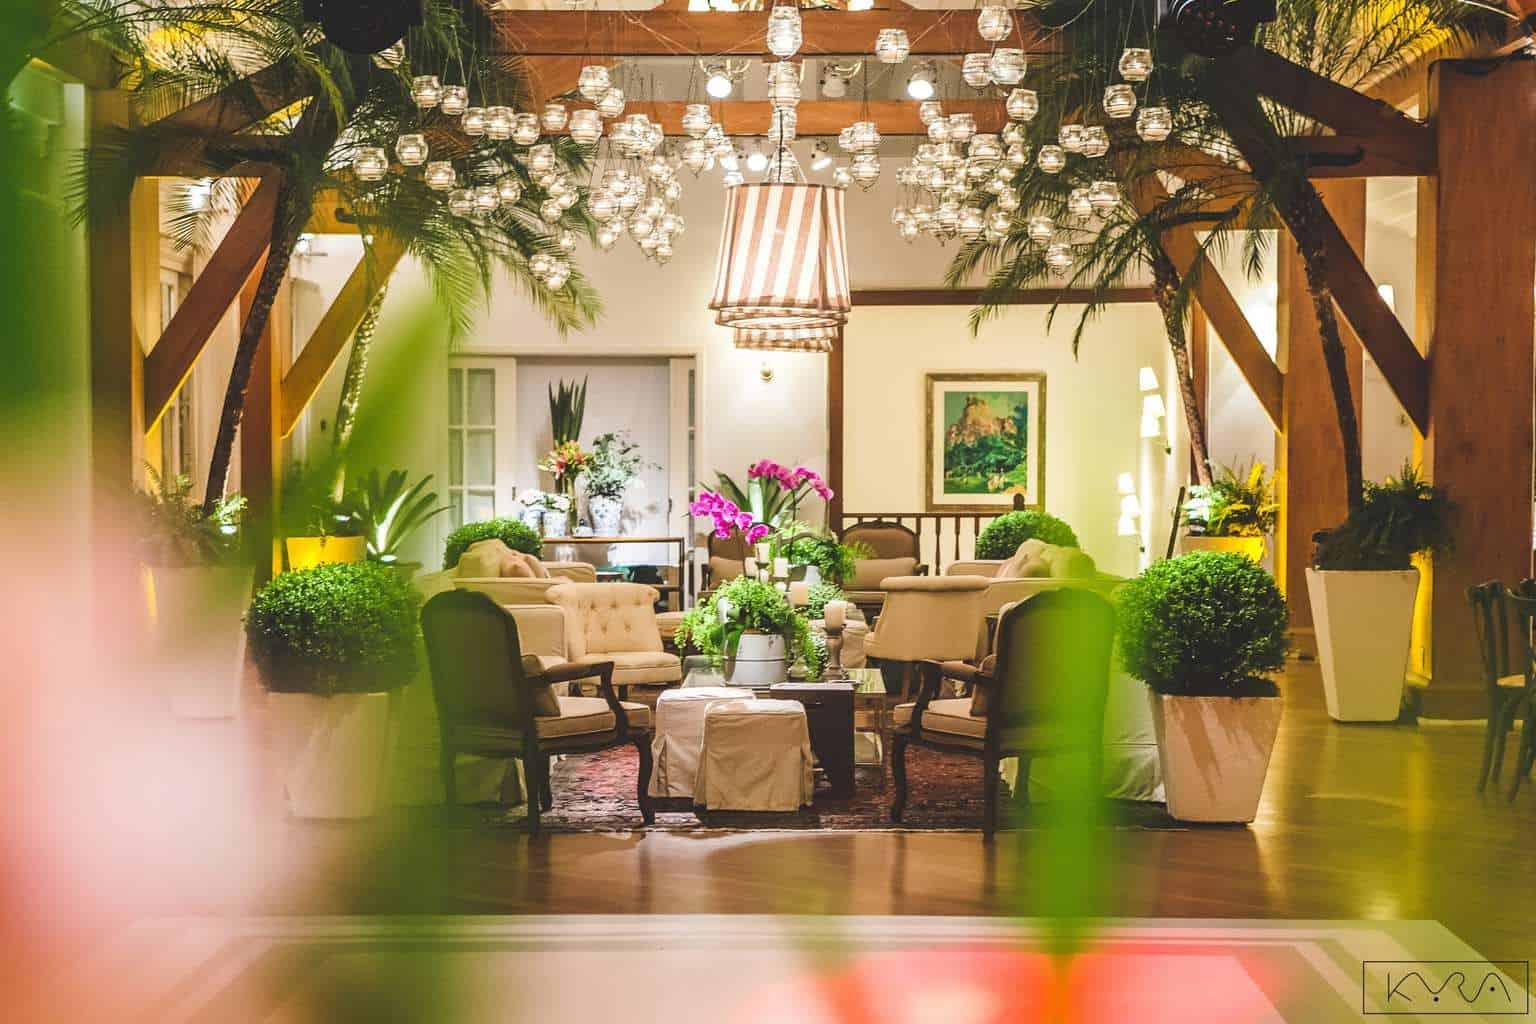 ana-carolina-e-bernardo-Anna-Carolina-Werneck-beleza-da-noiva-casamento-tradicional-festa-Gavea-Golf-Club-Kyra-Mirsky-making-of-mini-wedding-verde-e-rosa-casamento-24